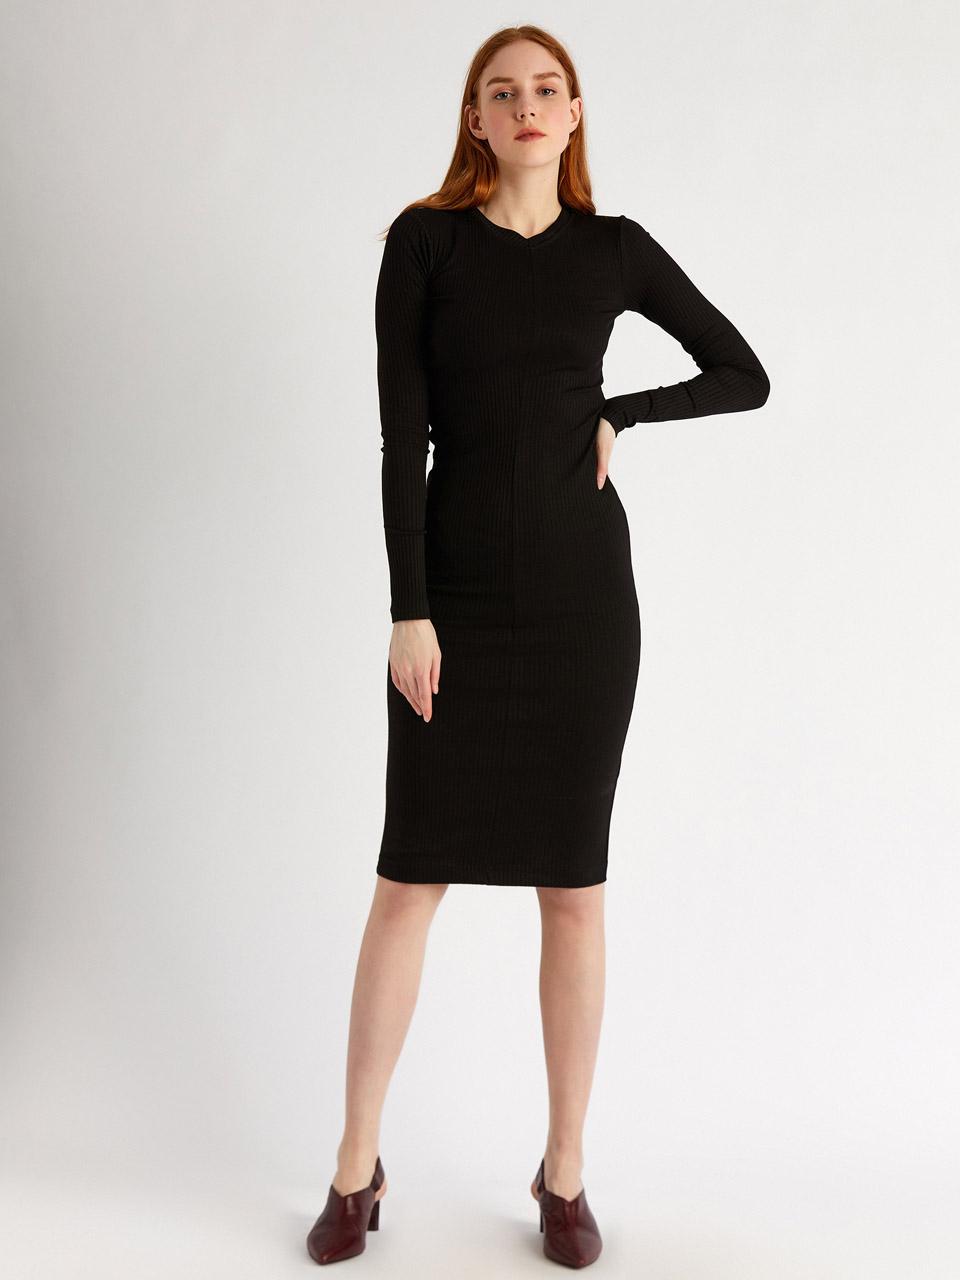 V Neck Stretchy Fabric Dress